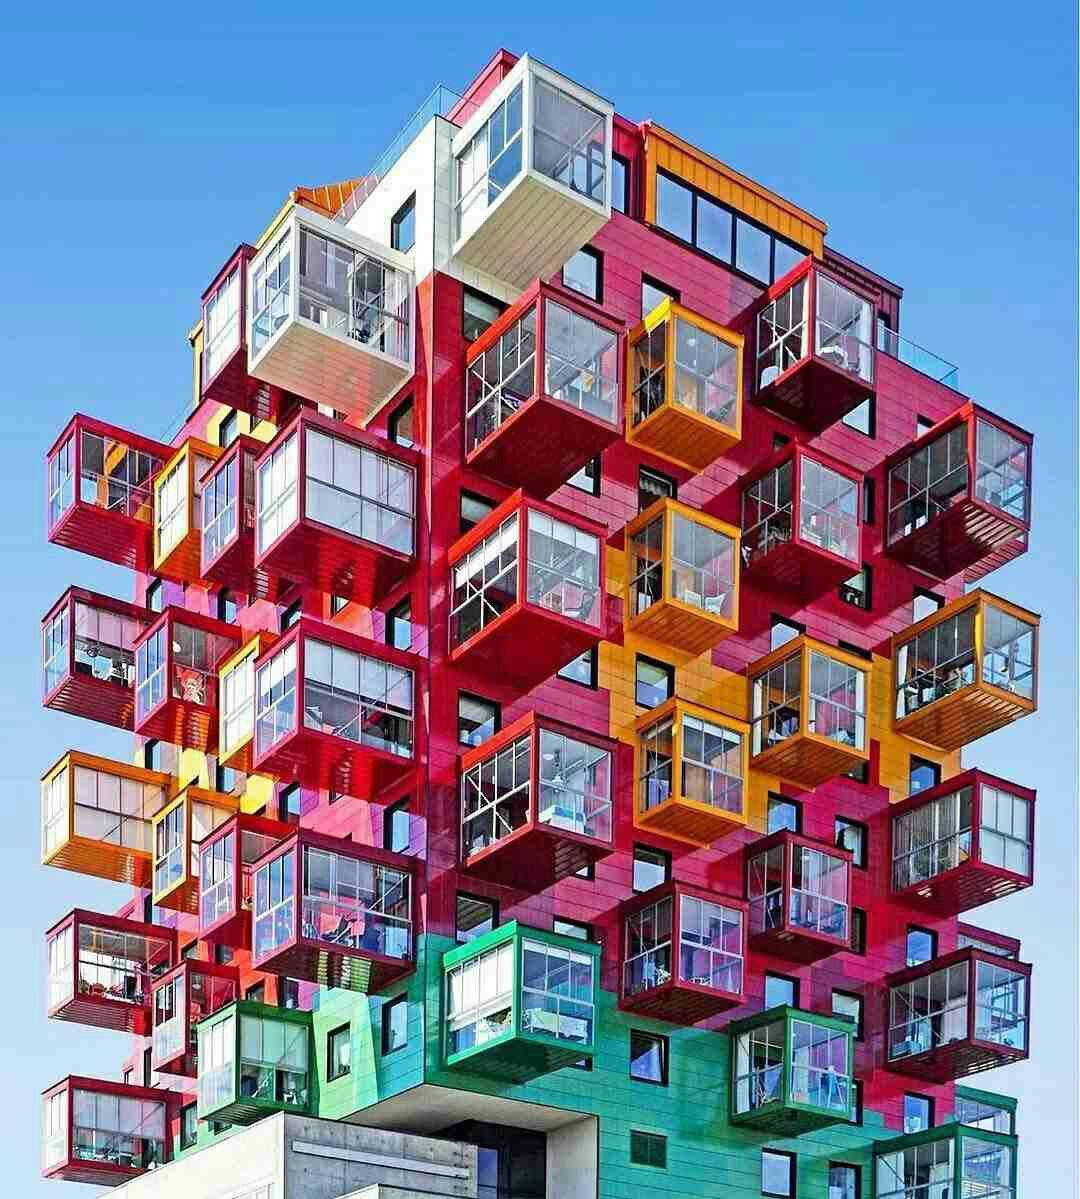 فروش طبقه ششم از آپارتمان 6 طبقه در میدان یحیوی